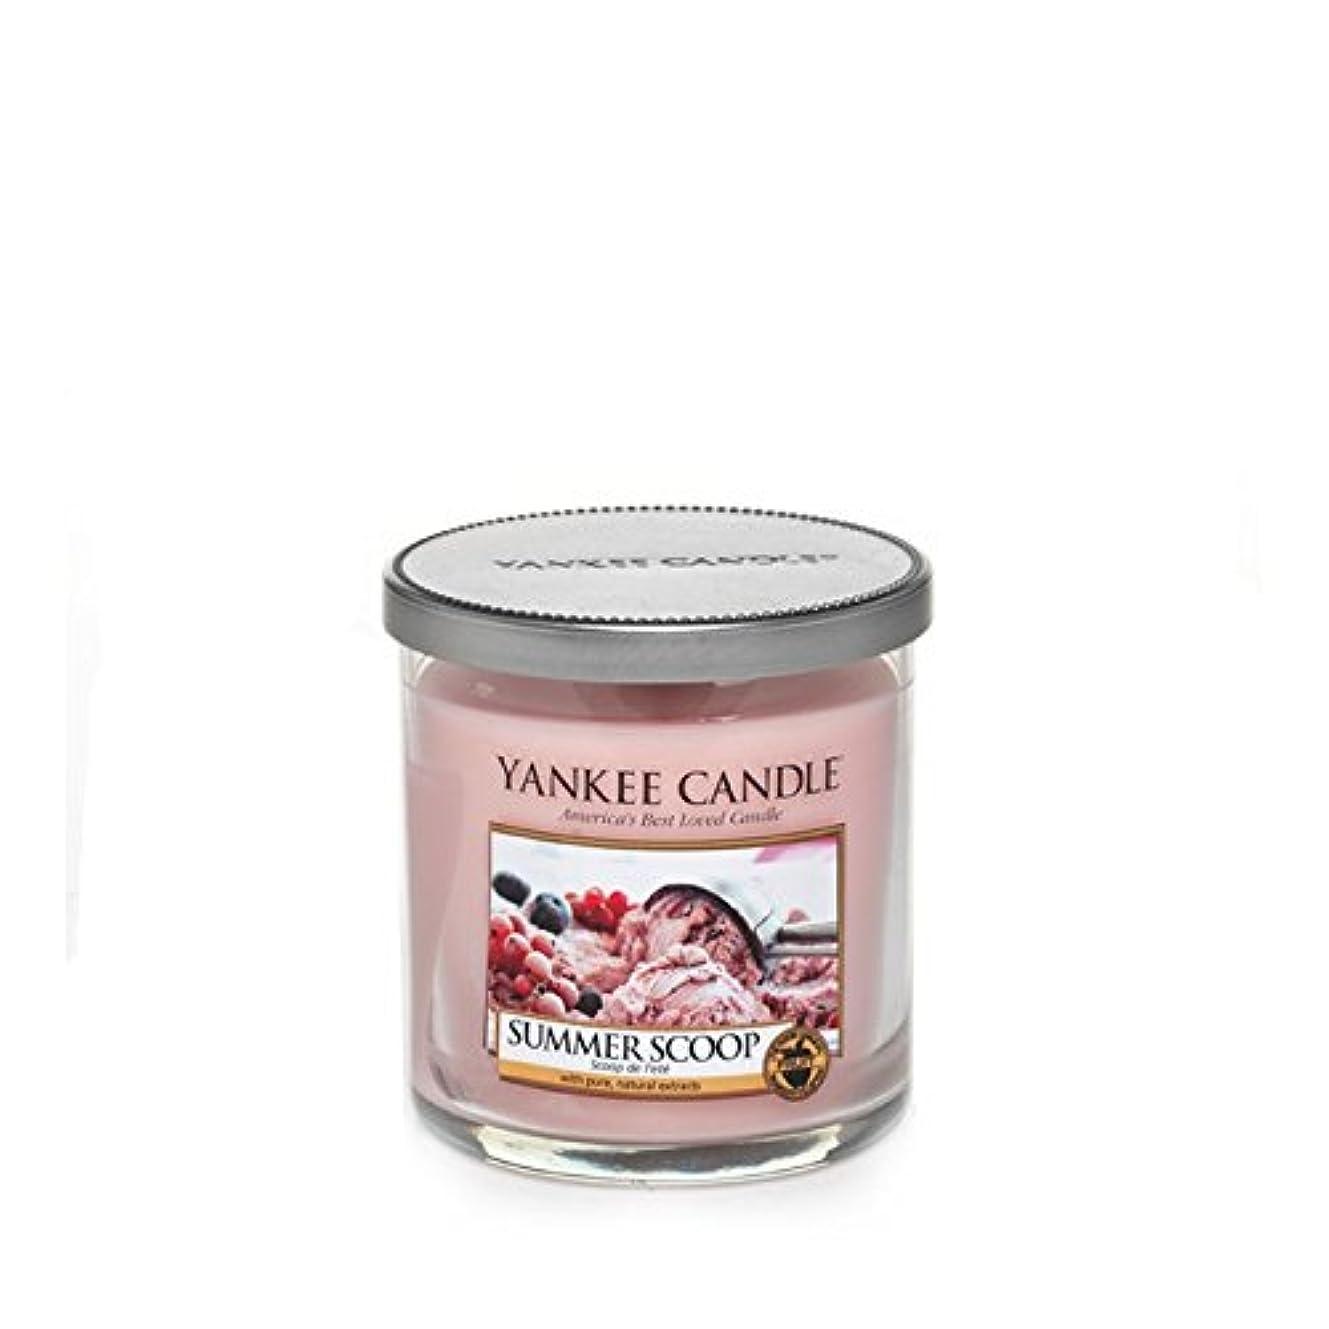 下位洞察力特権ヤンキーキャンドルの小さな柱キャンドル - 夏のスクープ - Yankee Candles Small Pillar Candle - Summer Scoop (Yankee Candles) [並行輸入品]